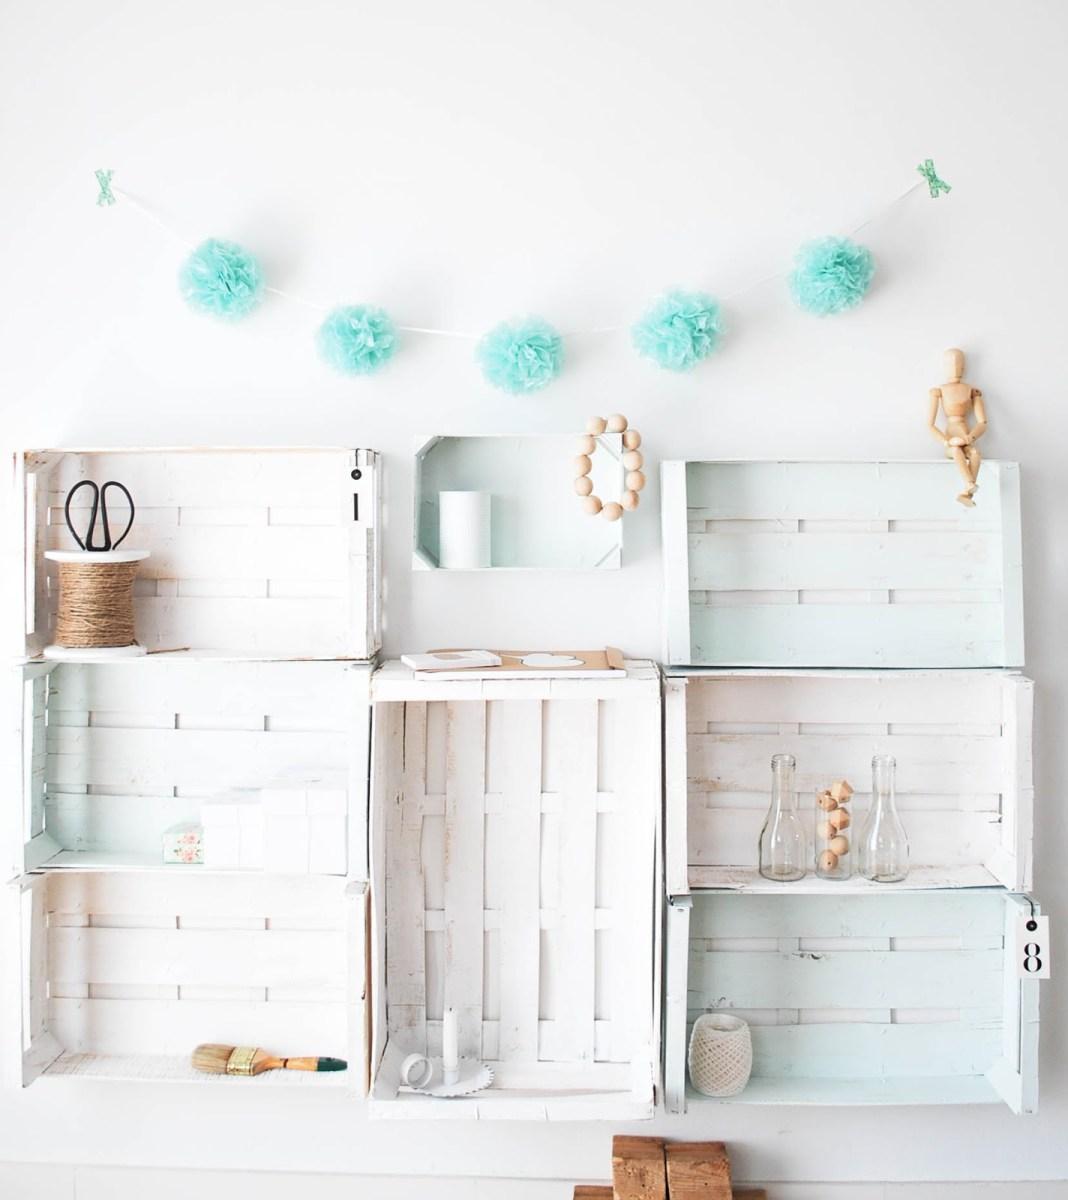 Diy organizar con cajas de fruta recicladas blog - Como decorar una pared con madera ...